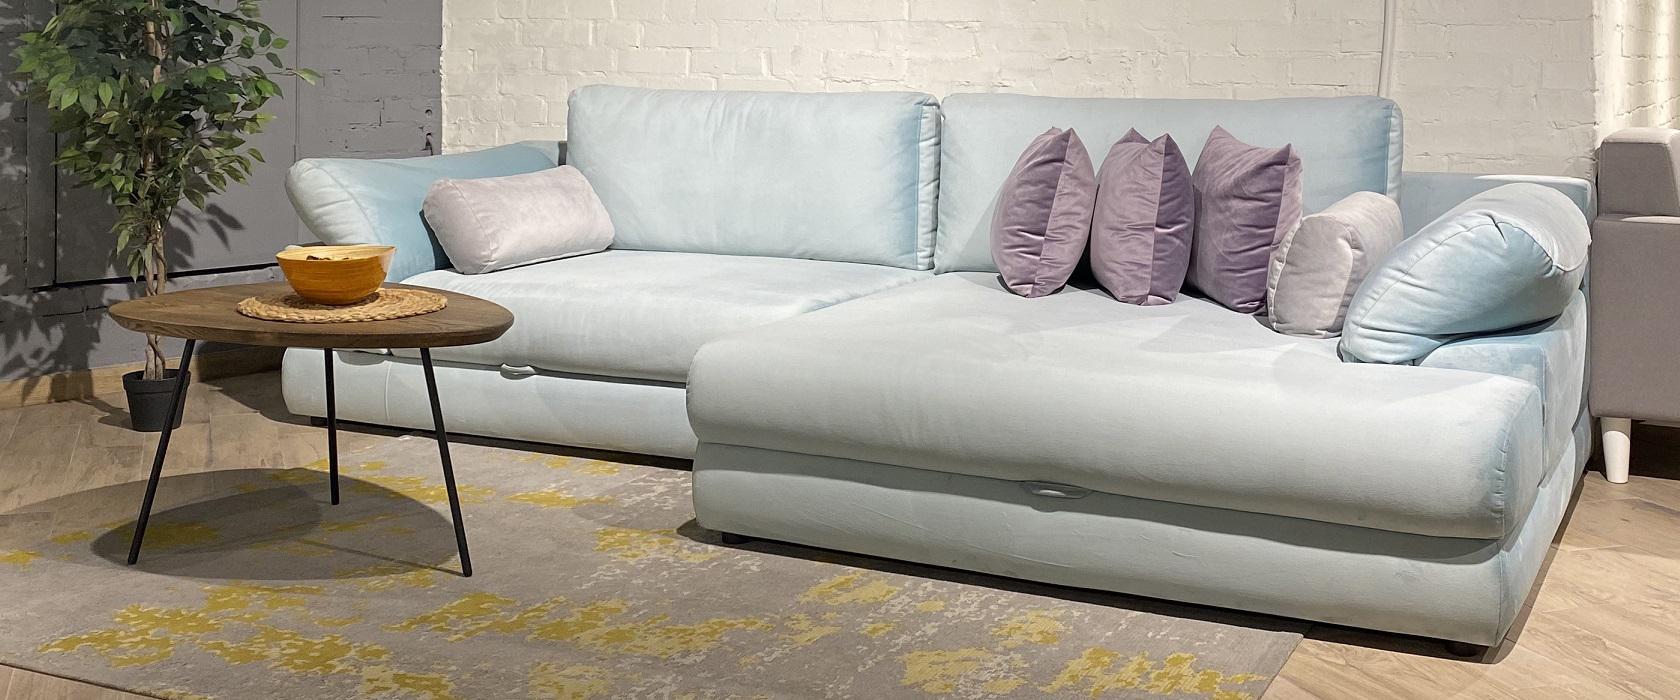 Угловой диван Claudia - Фото 2 - Pufetto